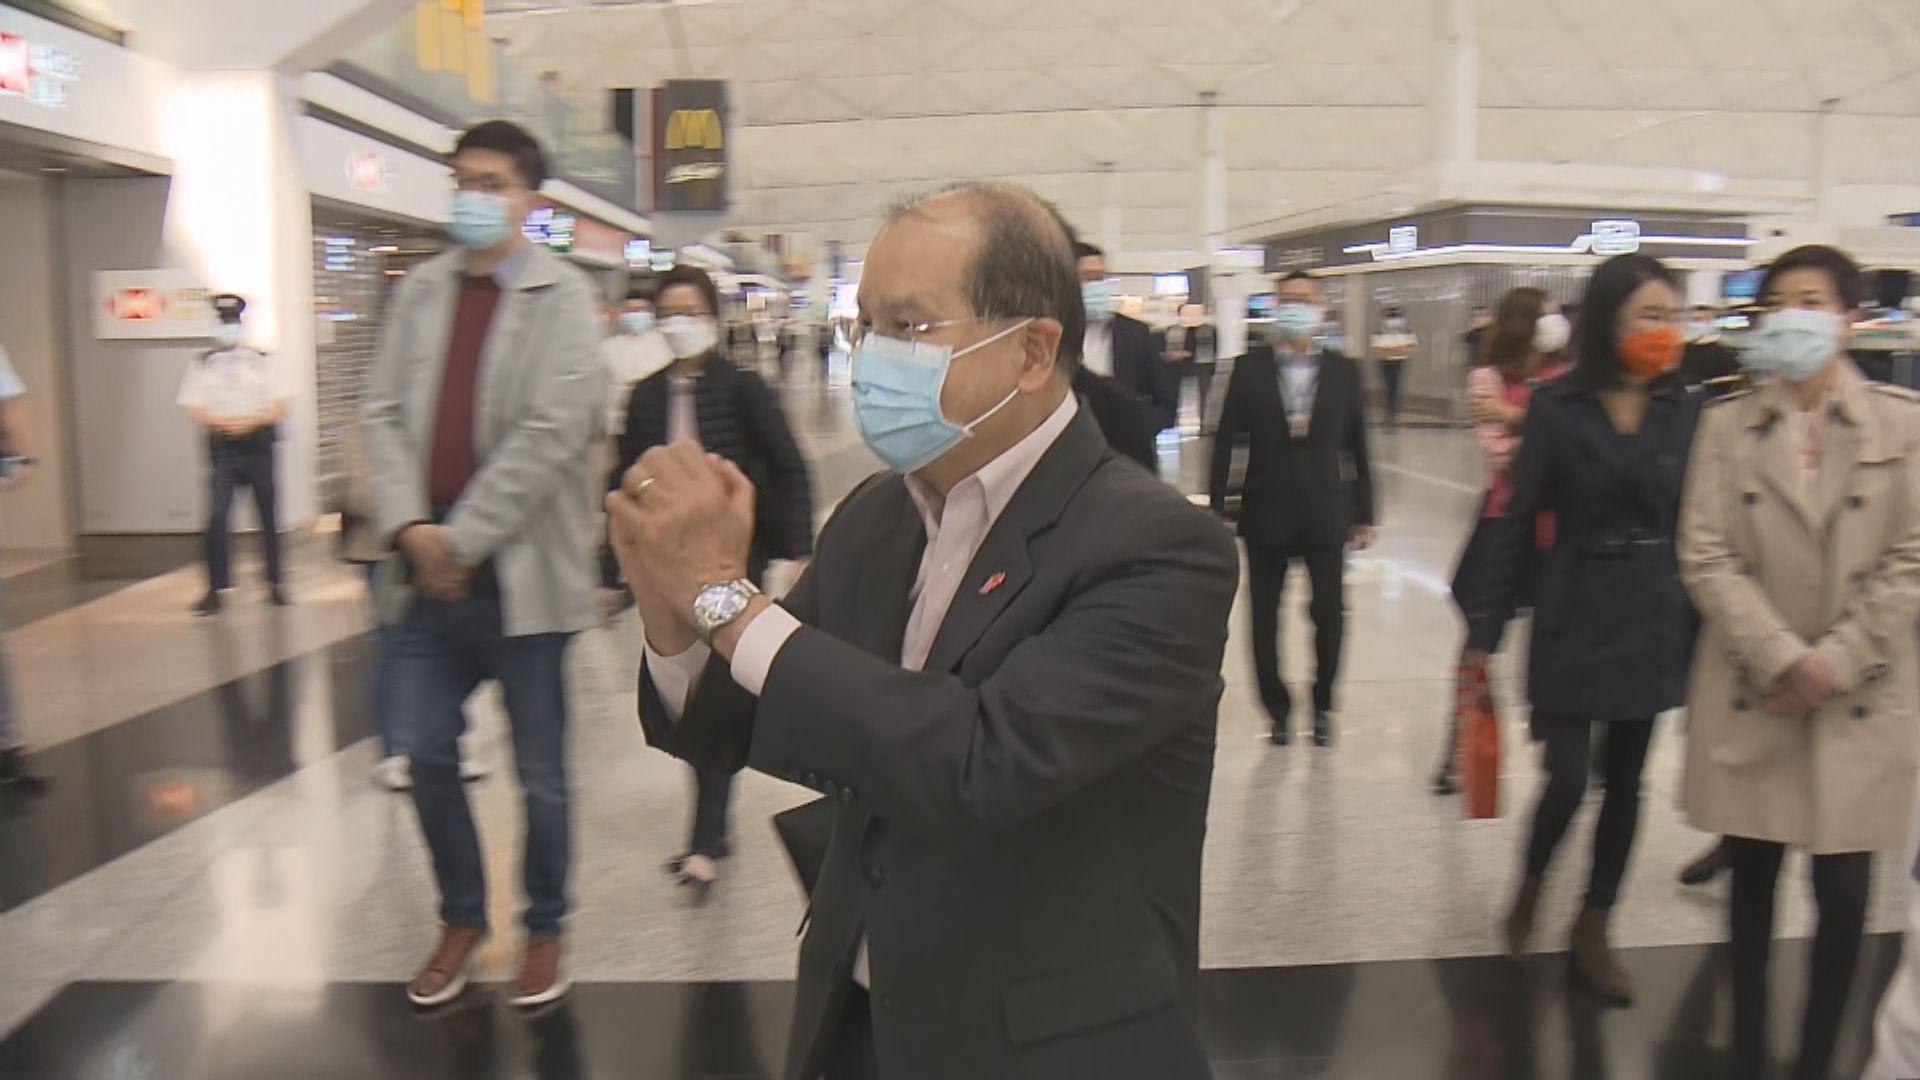 張建宗:若疫情反覆 全港市民努力將功虧一簣